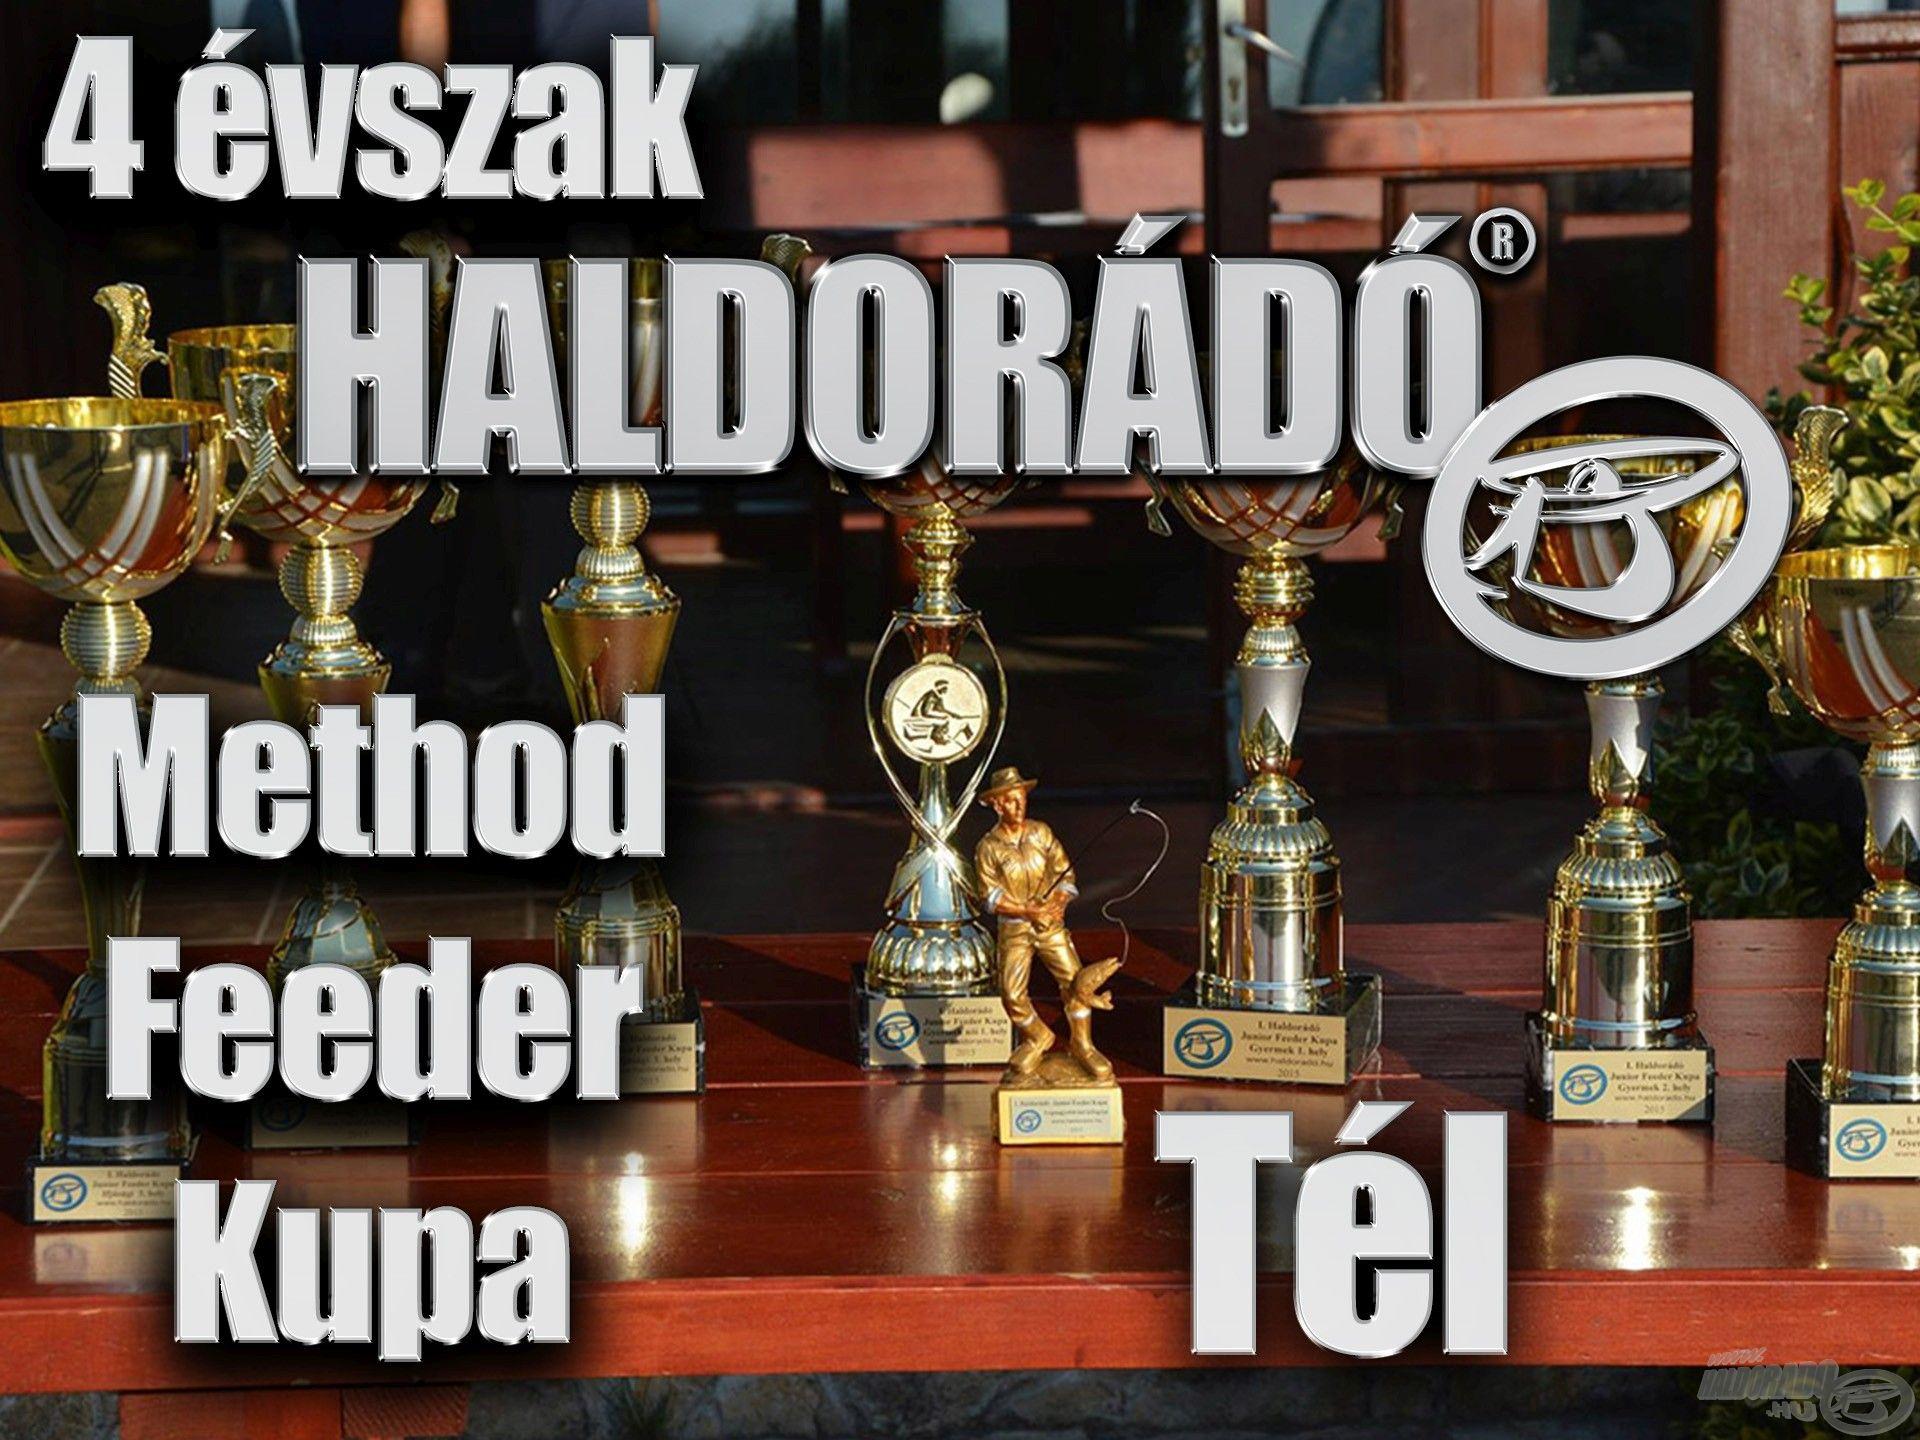 4 évszak Haldorádó Method Feeder Kupa 2019 versenysorozat kiírás – Tél, záró forduló